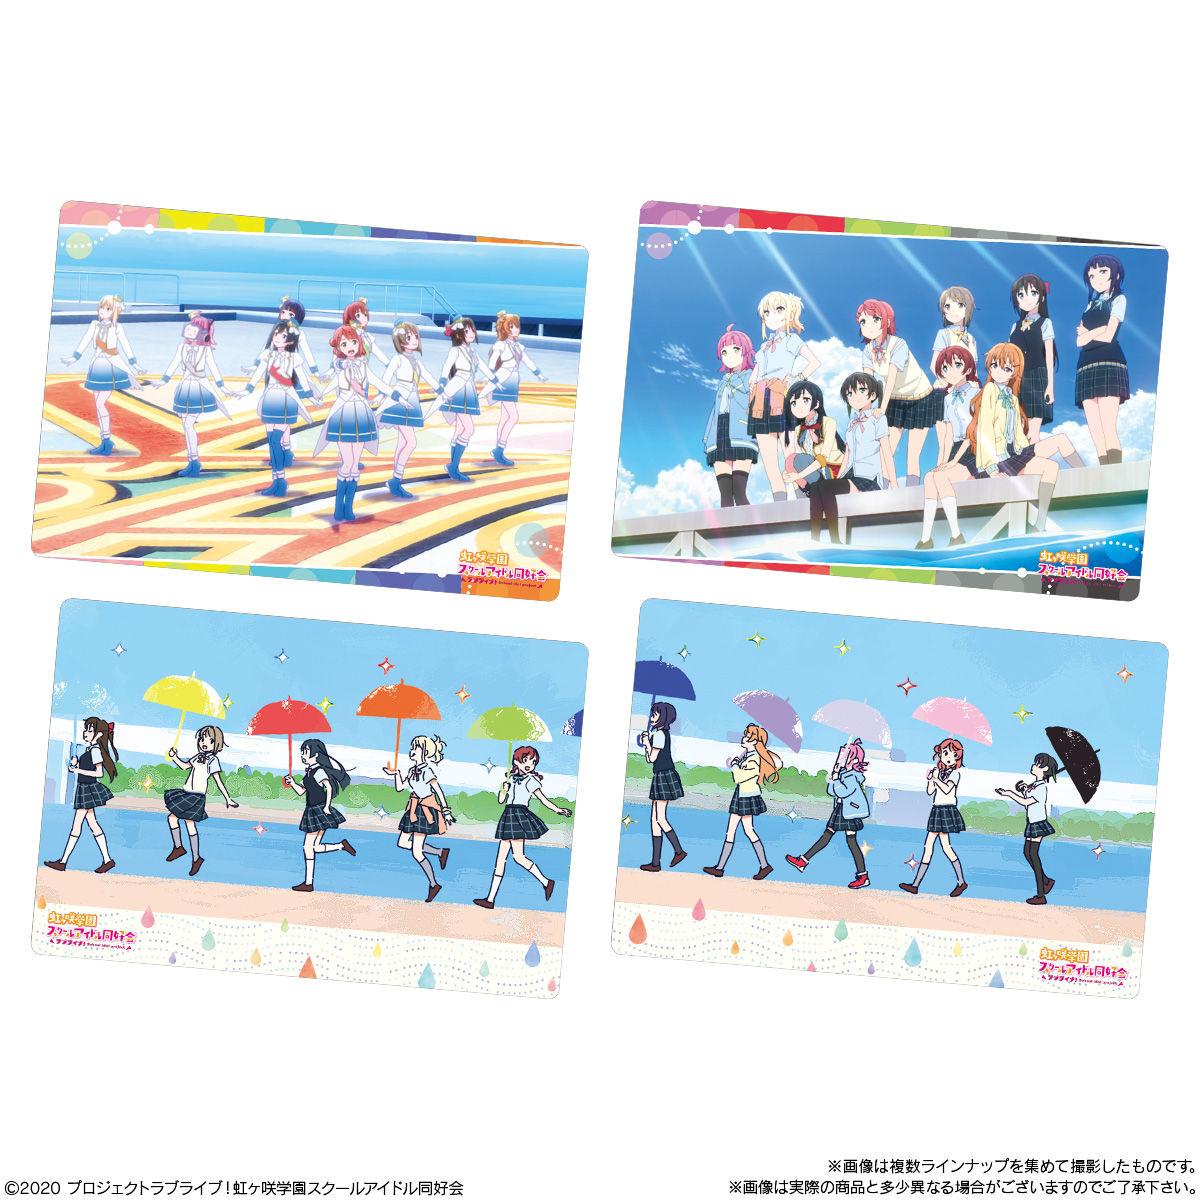 【食玩】ニジガク『ラブライブ!虹ヶ咲学園スクールアイドル同好会 ウエハース』20個入りBOX-008